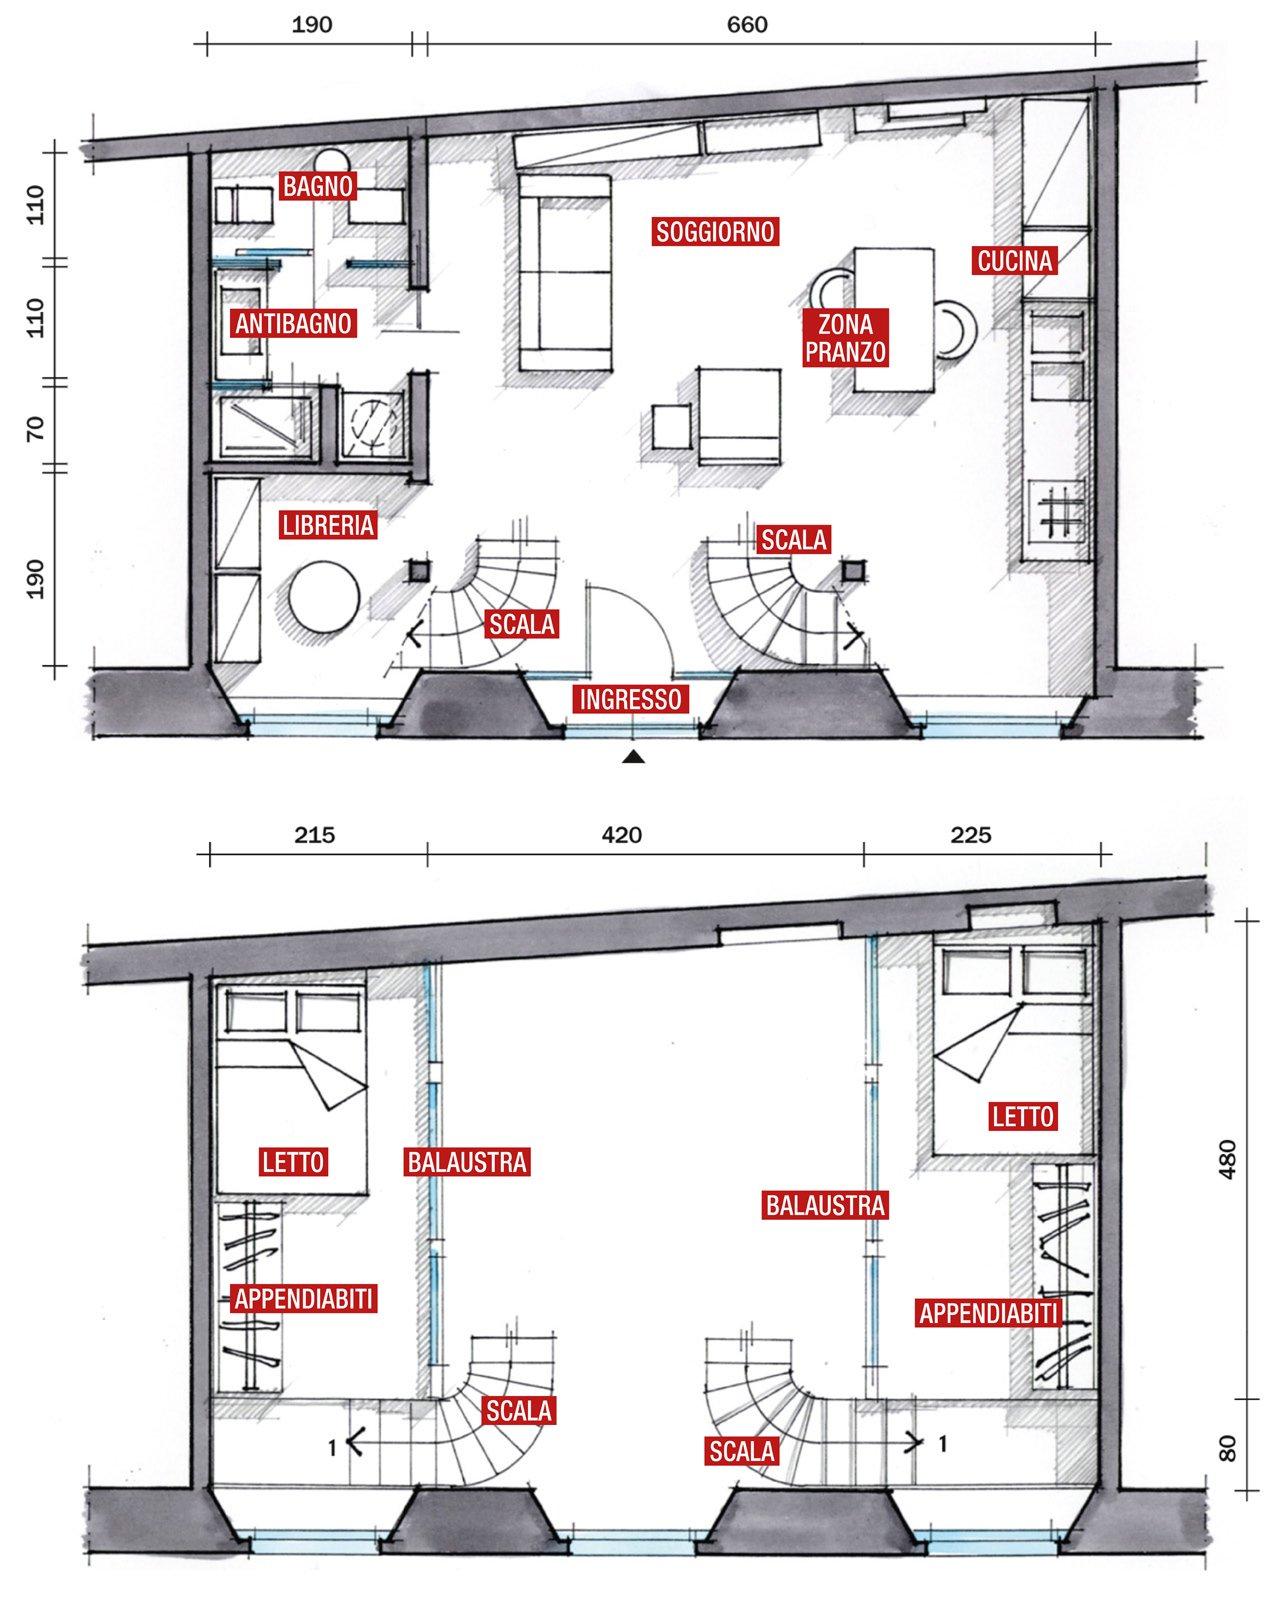 Mini loft la casa recupera spazio con nuovi soppalchi for Piani casa 3 camere da letto e garage doppio